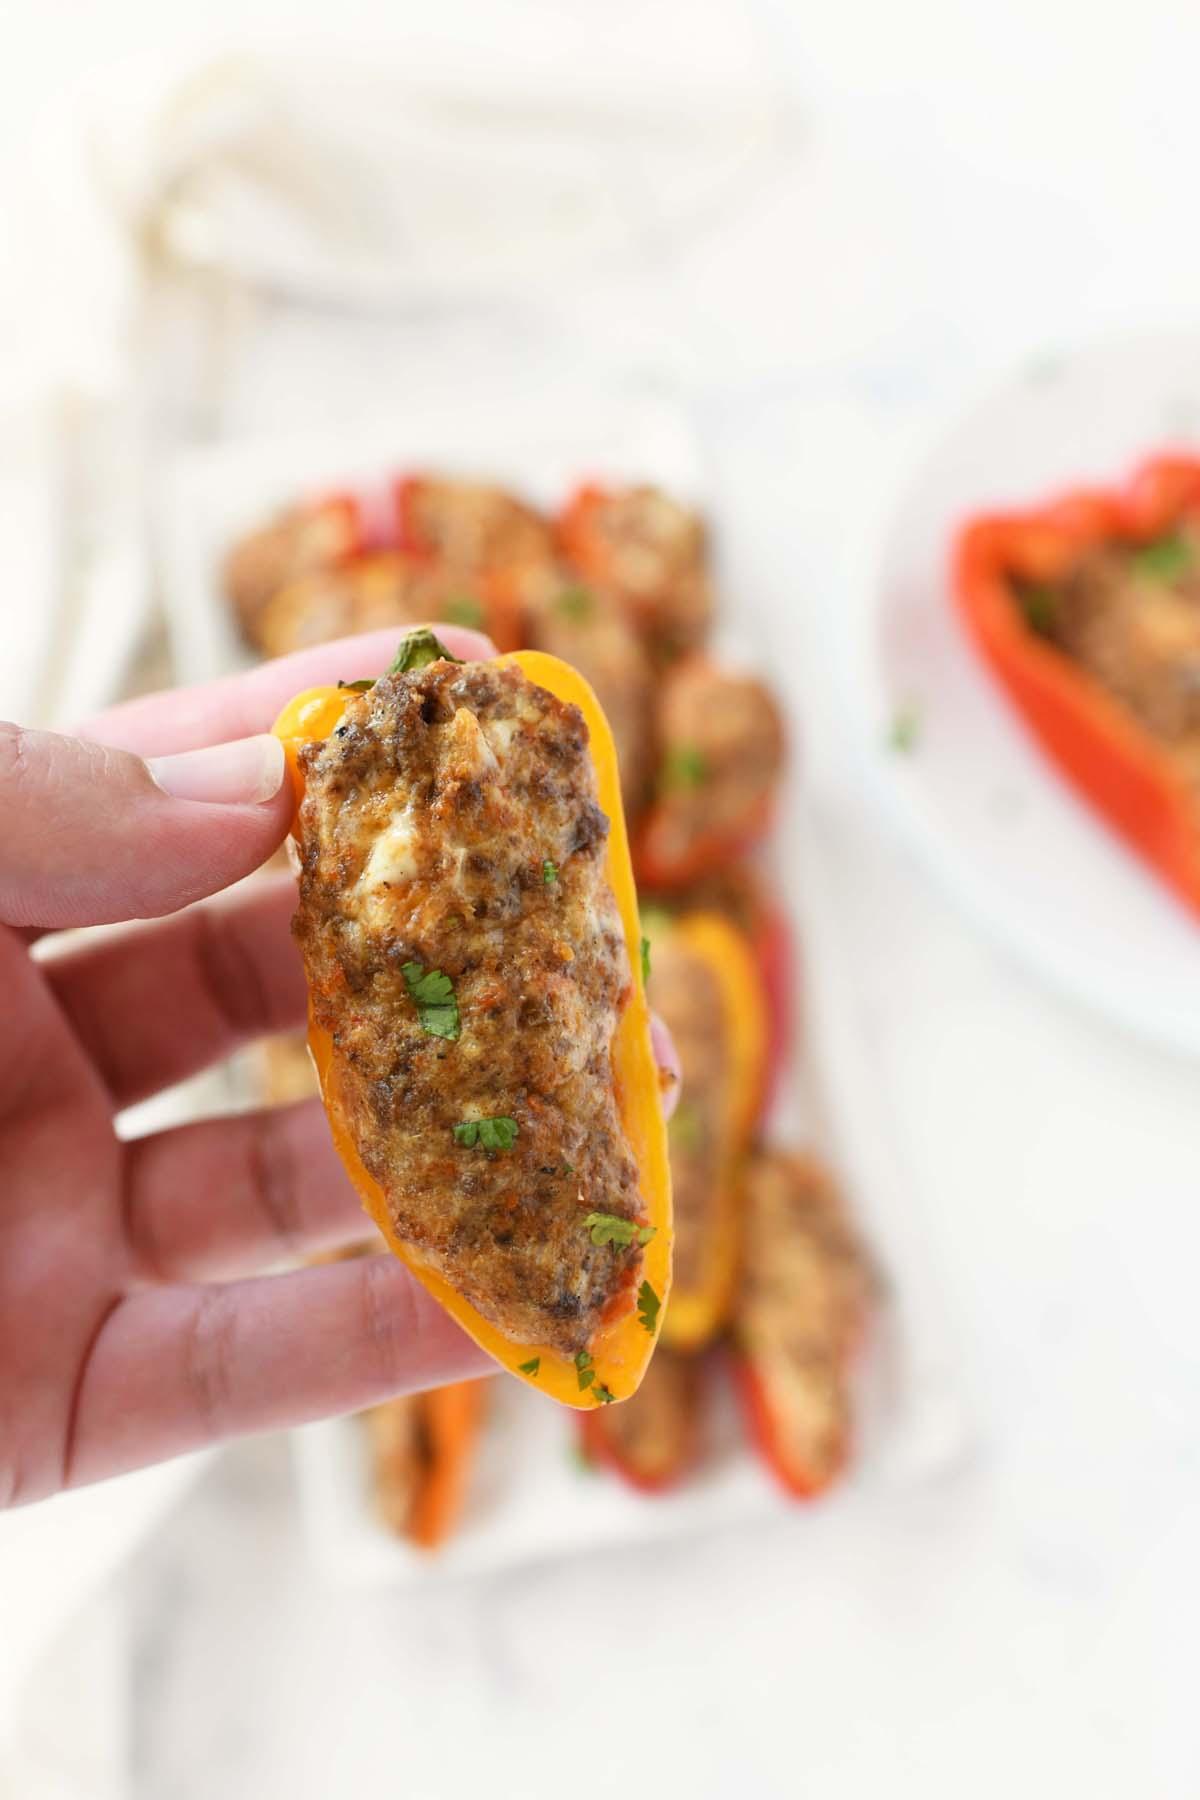 A mini taco pepper in a hand.